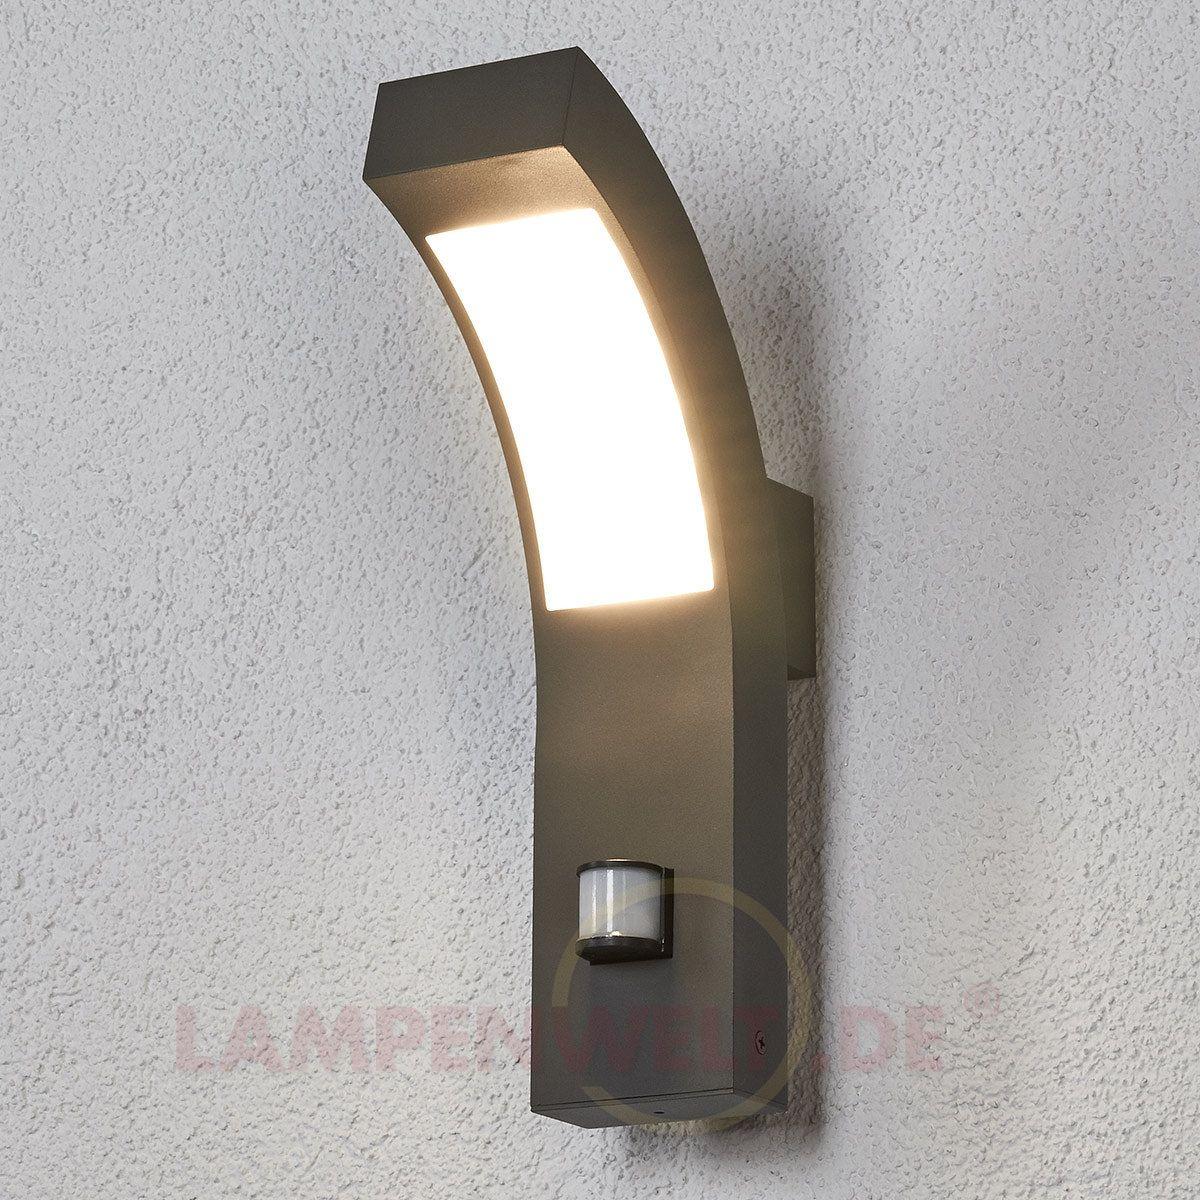 Led au enwandleuchte lennik mit bewegungsmelder kaufen lampen au enwandleuchte led und aussen - Wandbeleuchtung aussen ...